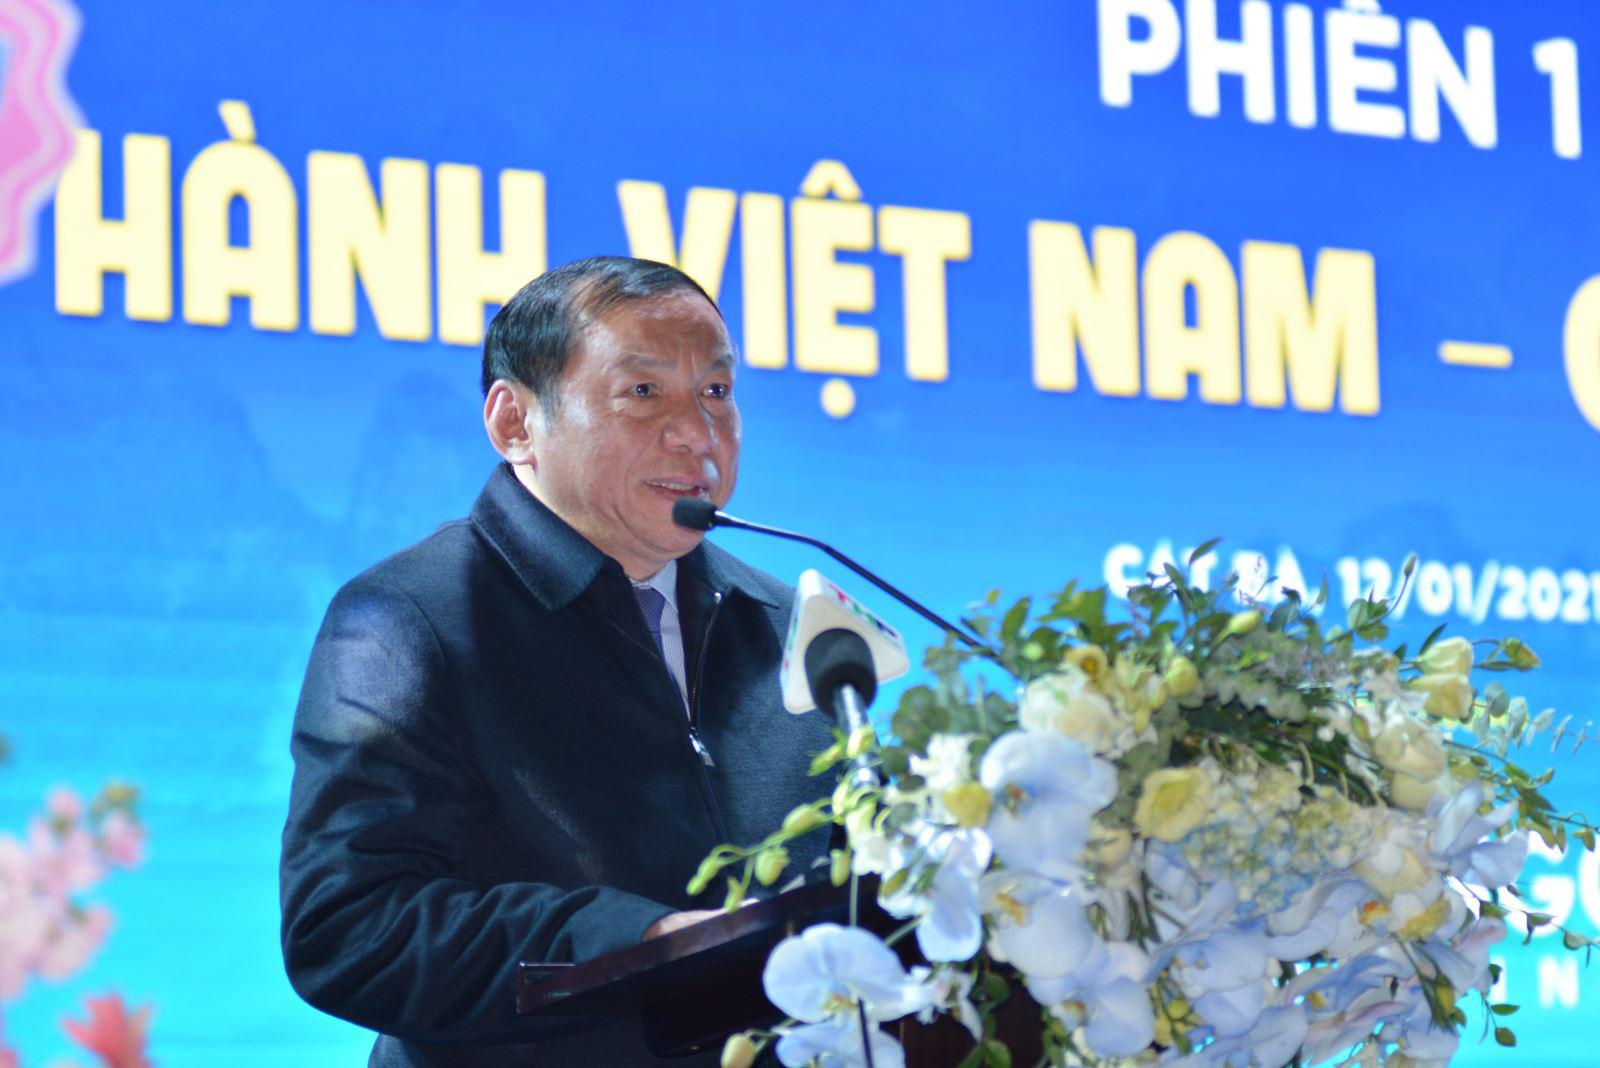 Thứ trưởng Nguyễn Văn Hùng: Doanh nghiệp lữ hành phải tái cấu trúc chính mình - Ảnh 1.